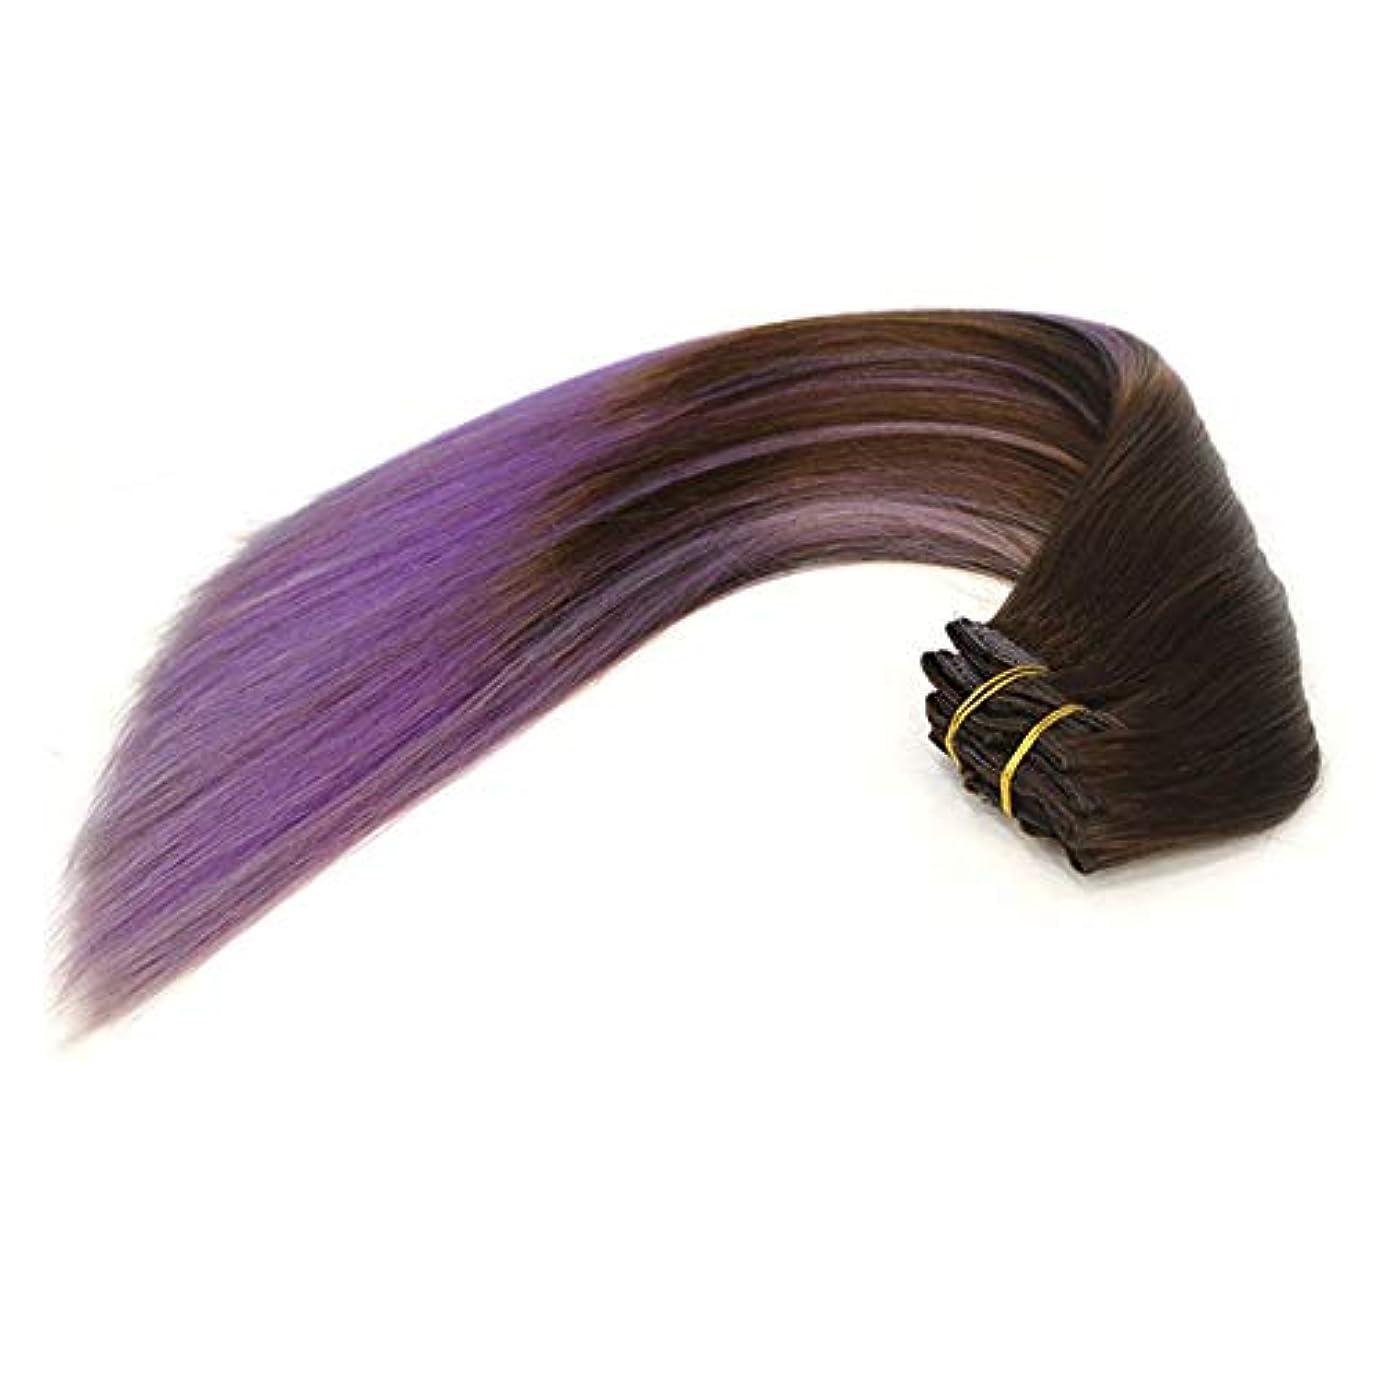 冷蔵する前進群がるWASAIO パープル)ヘアエクステンションクリップ裏地なし髪型の交換、Unbowedヘアエクステンションヘッド総8本かつら(17